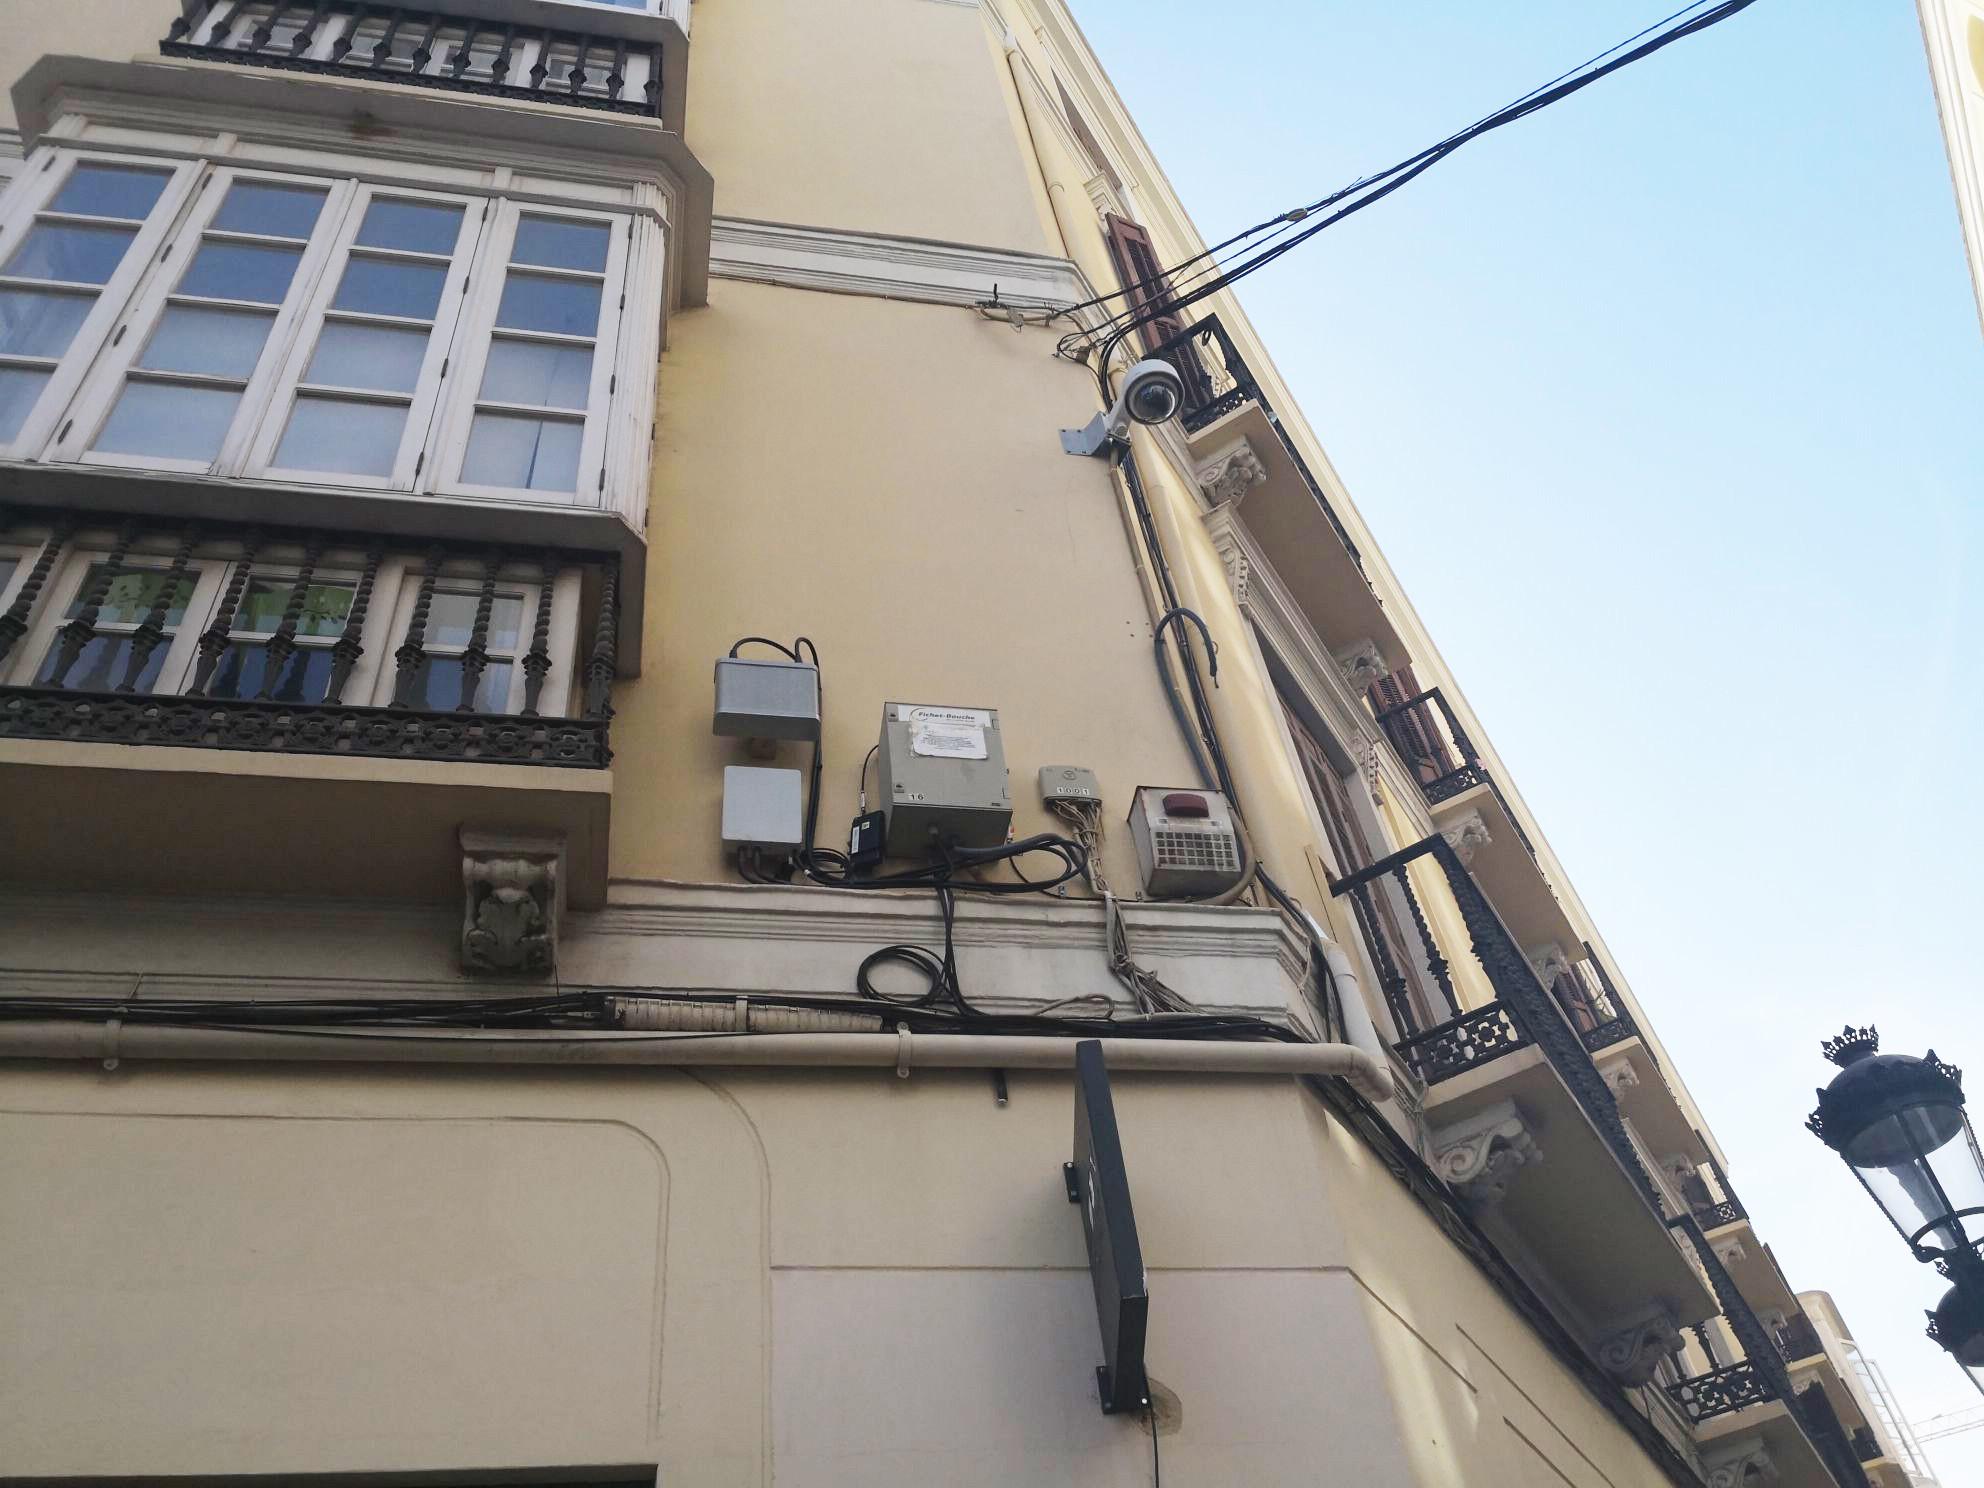 smal cell en una fachada